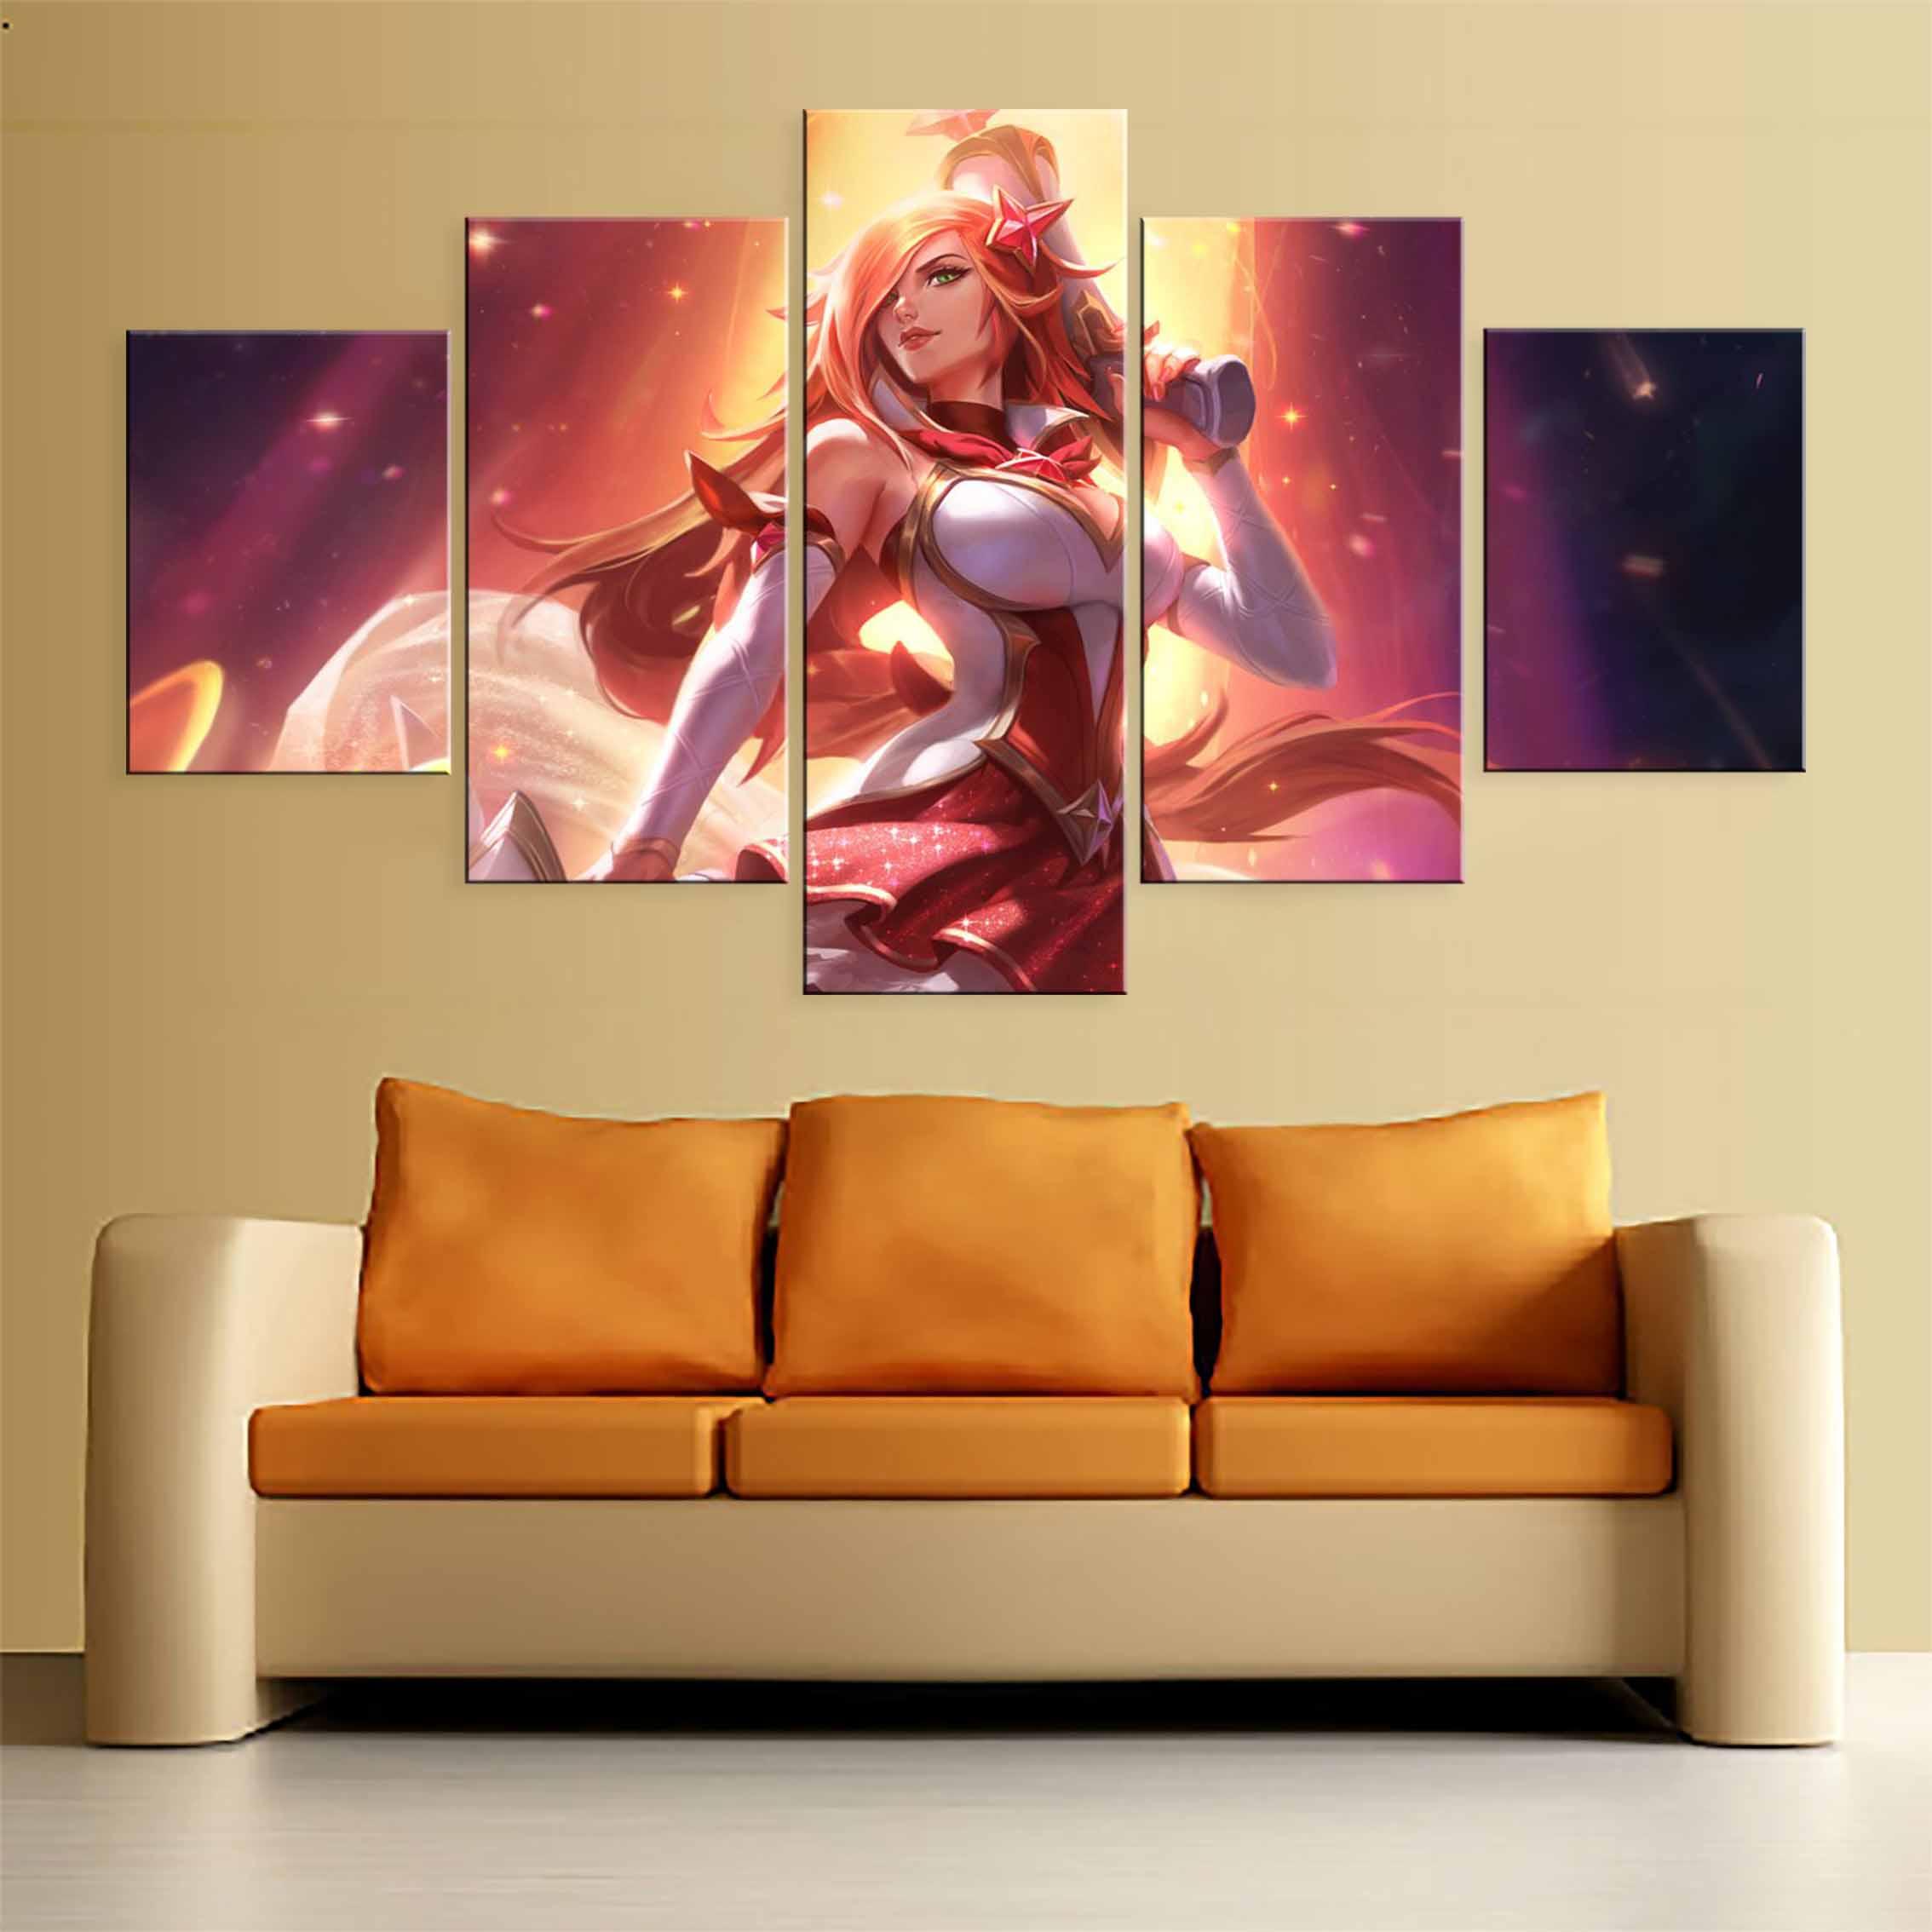 Juego de 5 paneles de Lol League Of Legends Star Guardian, Miss Fortune, pintura impresa en lienzo para decoración de pared de salón, imagen Hd